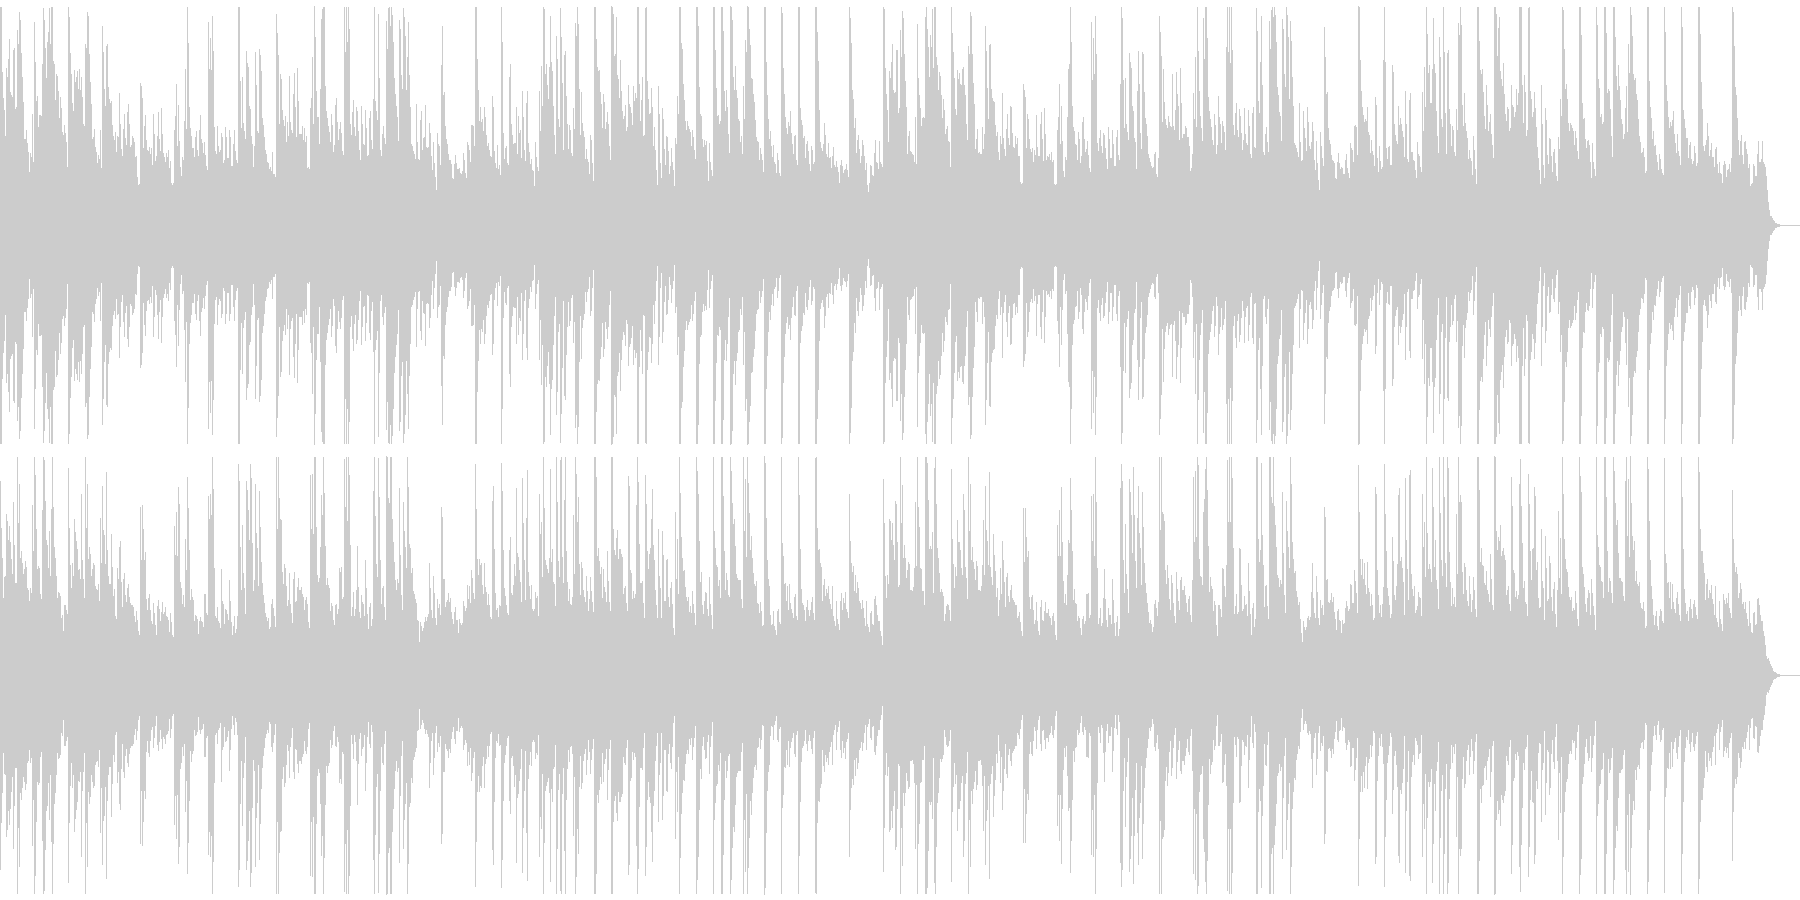 ゆったりしたソロ・ピアノ曲の未再生の波形